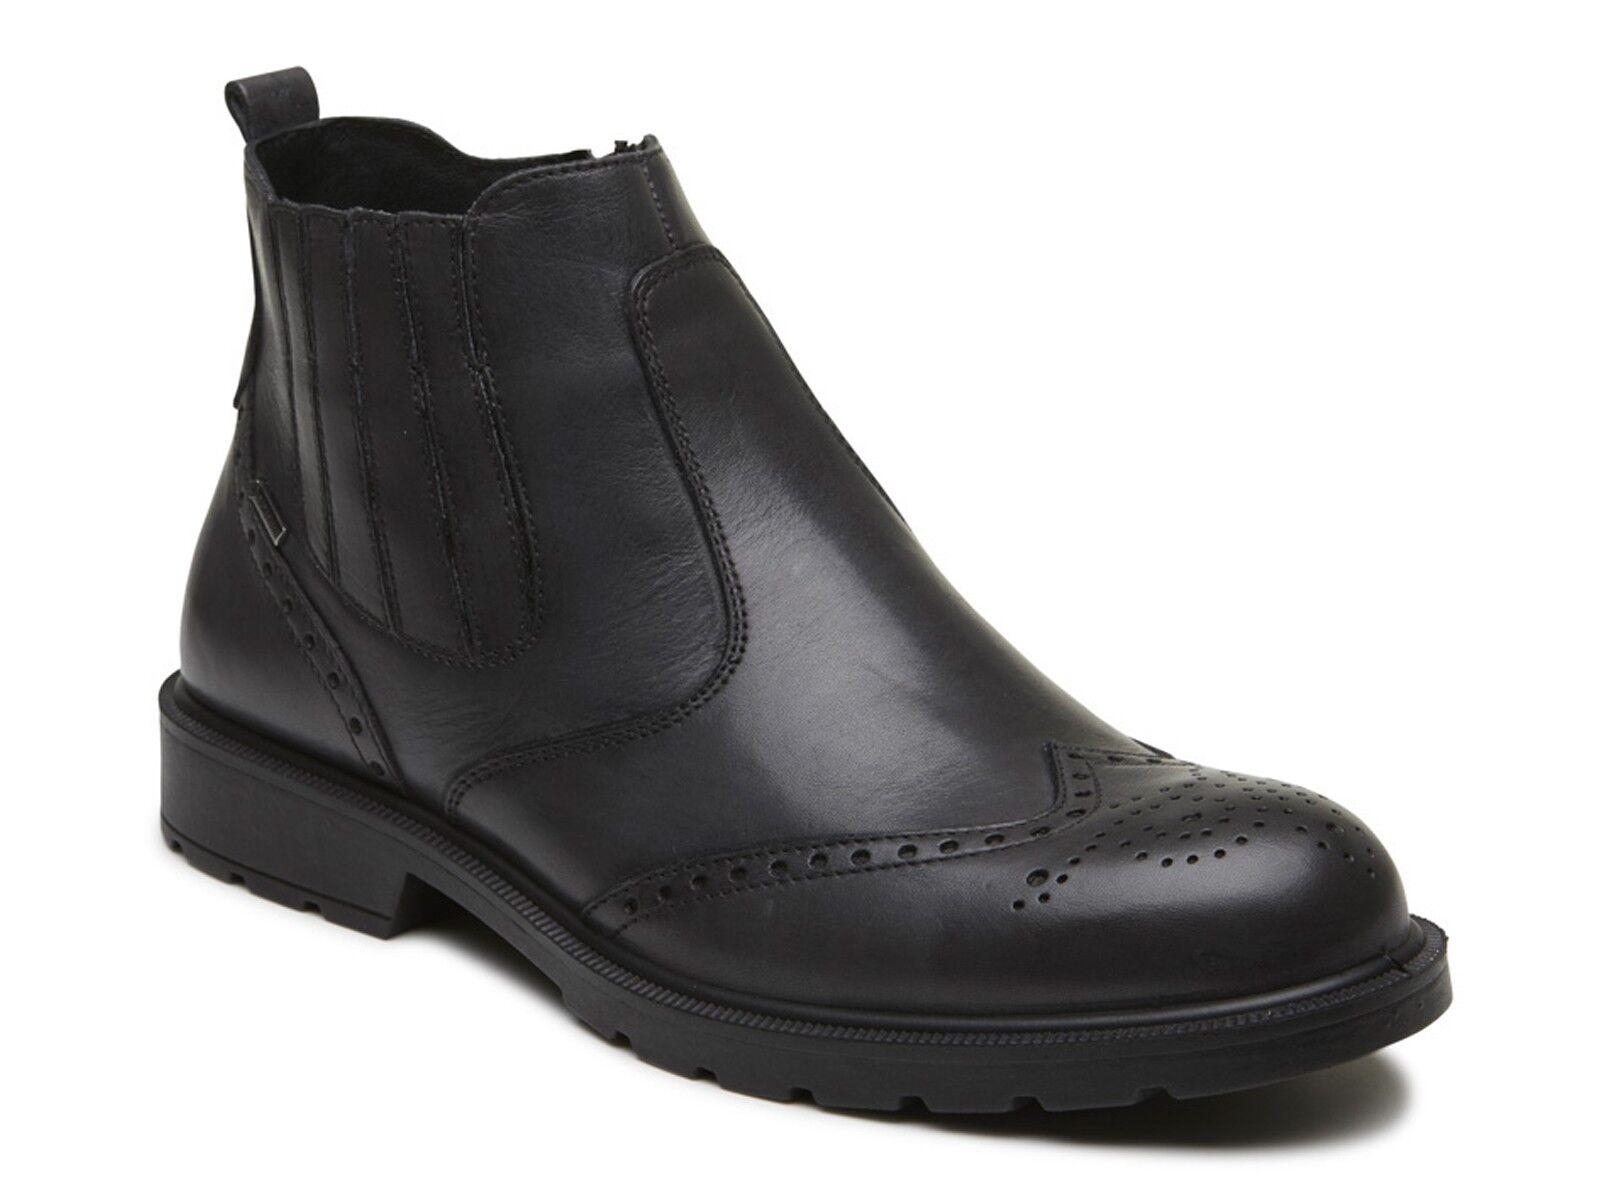 zapatos hombres IGI&CO INVERNO 2110211  STIVALETTI STILE INGLESE gris